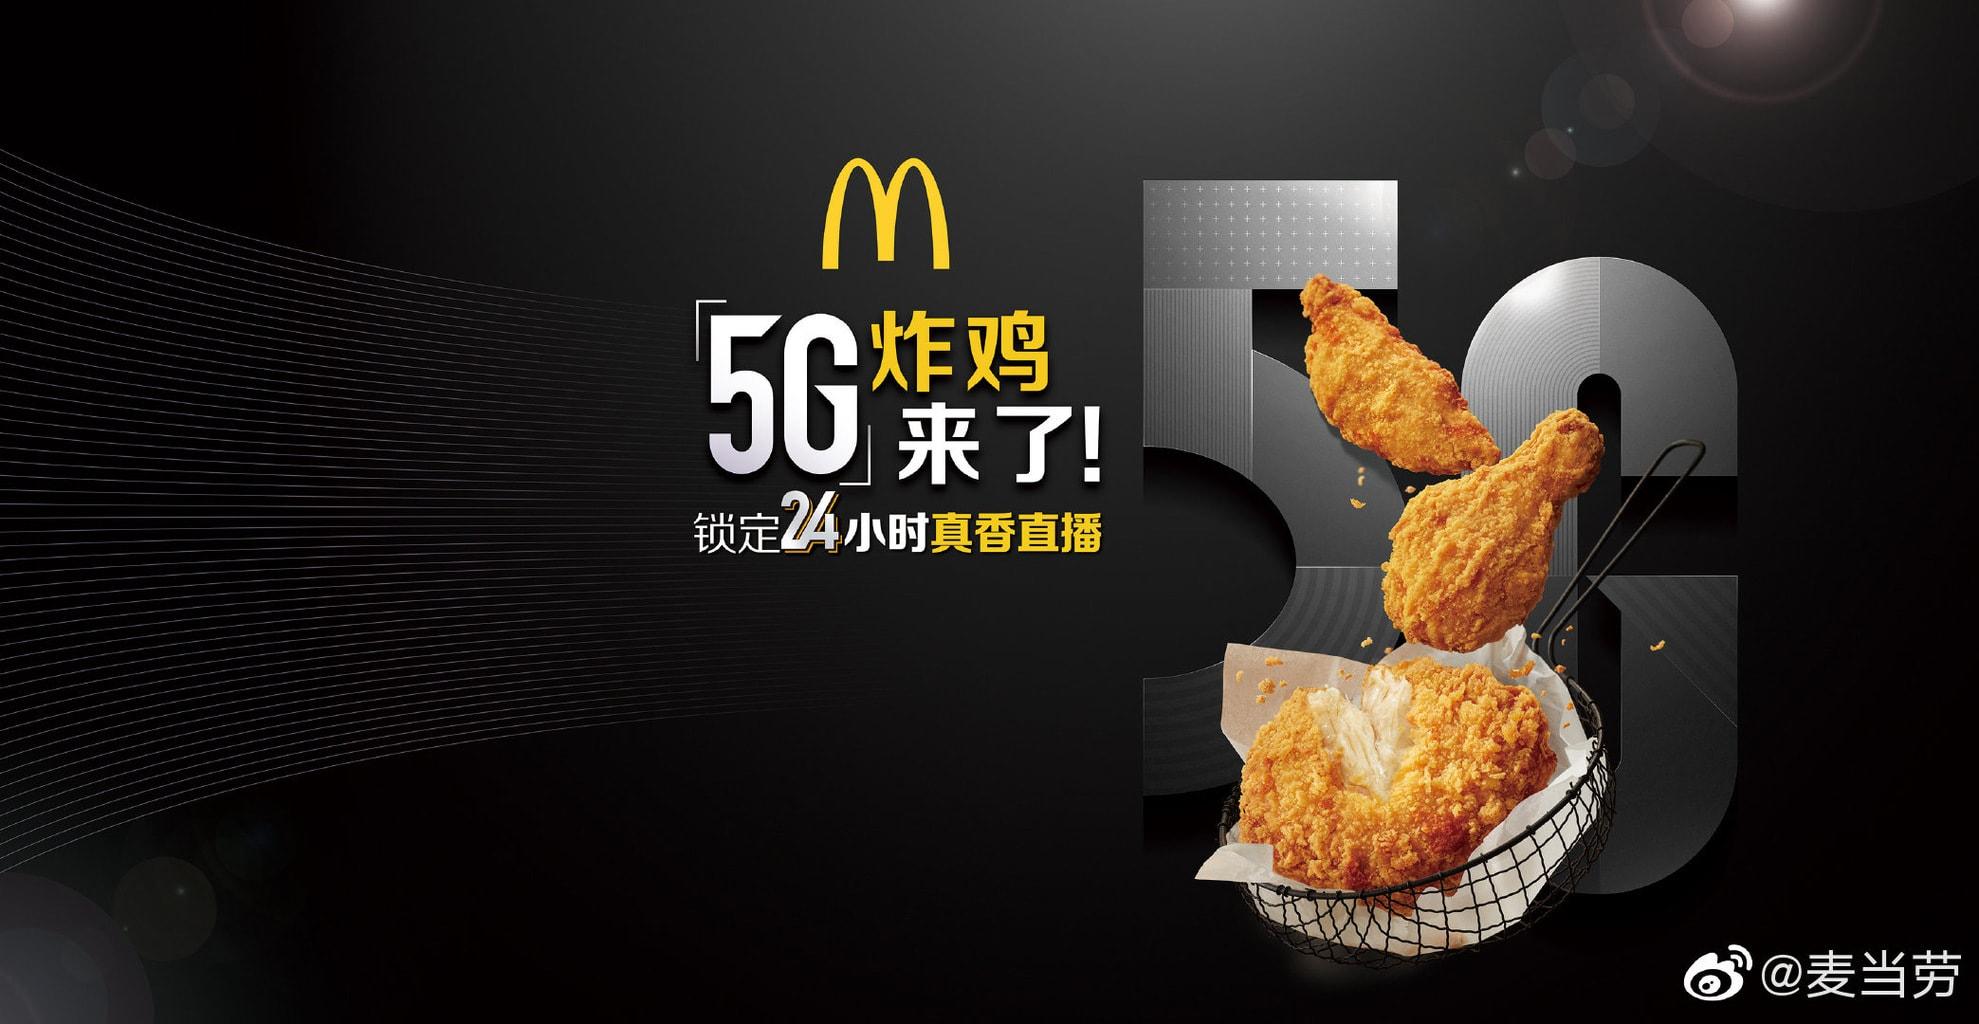 Mc Donald's 5G campaign